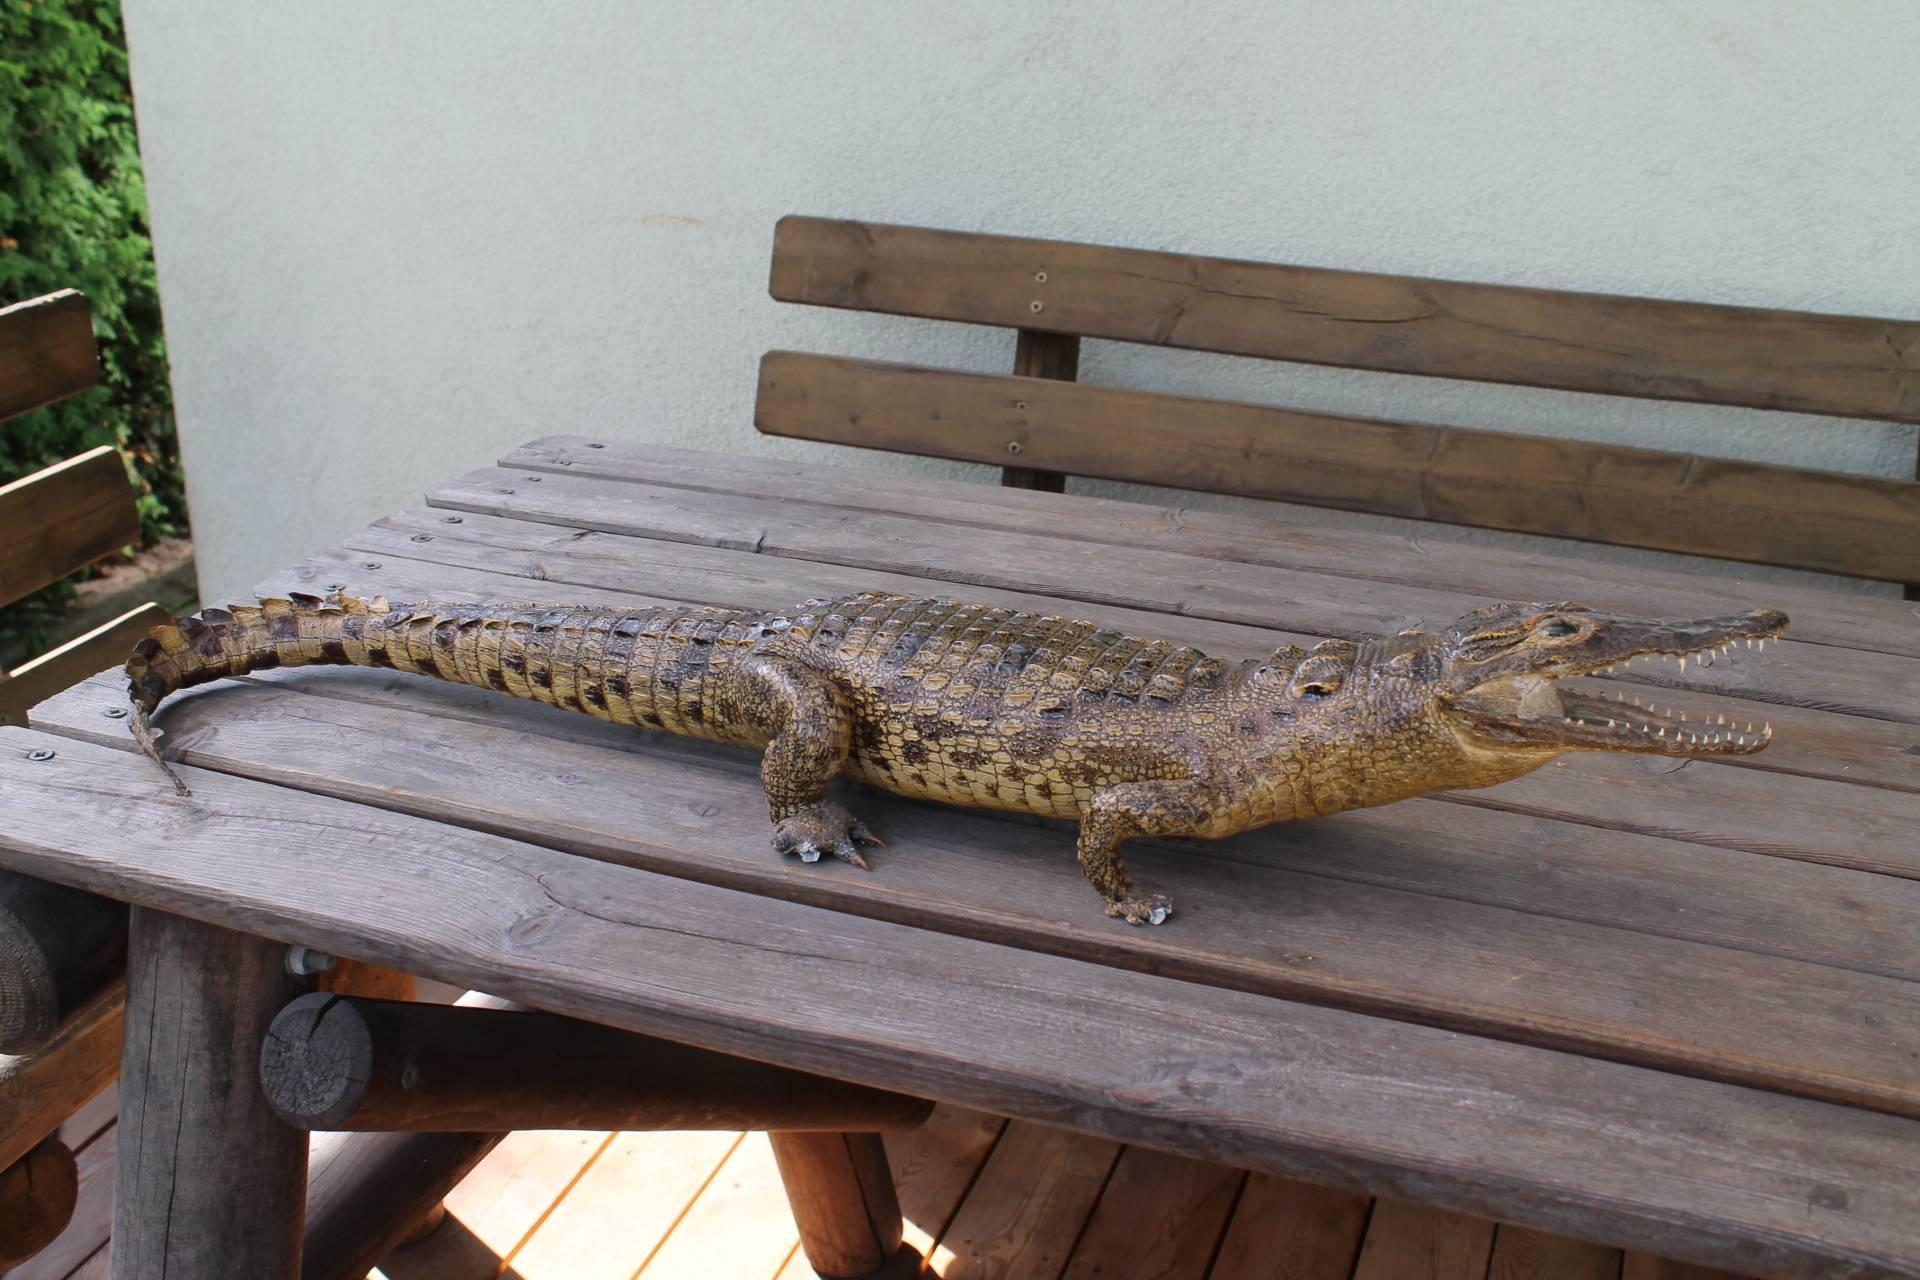 Antikvarine originali krokodilo iskamsa. Kaina 157